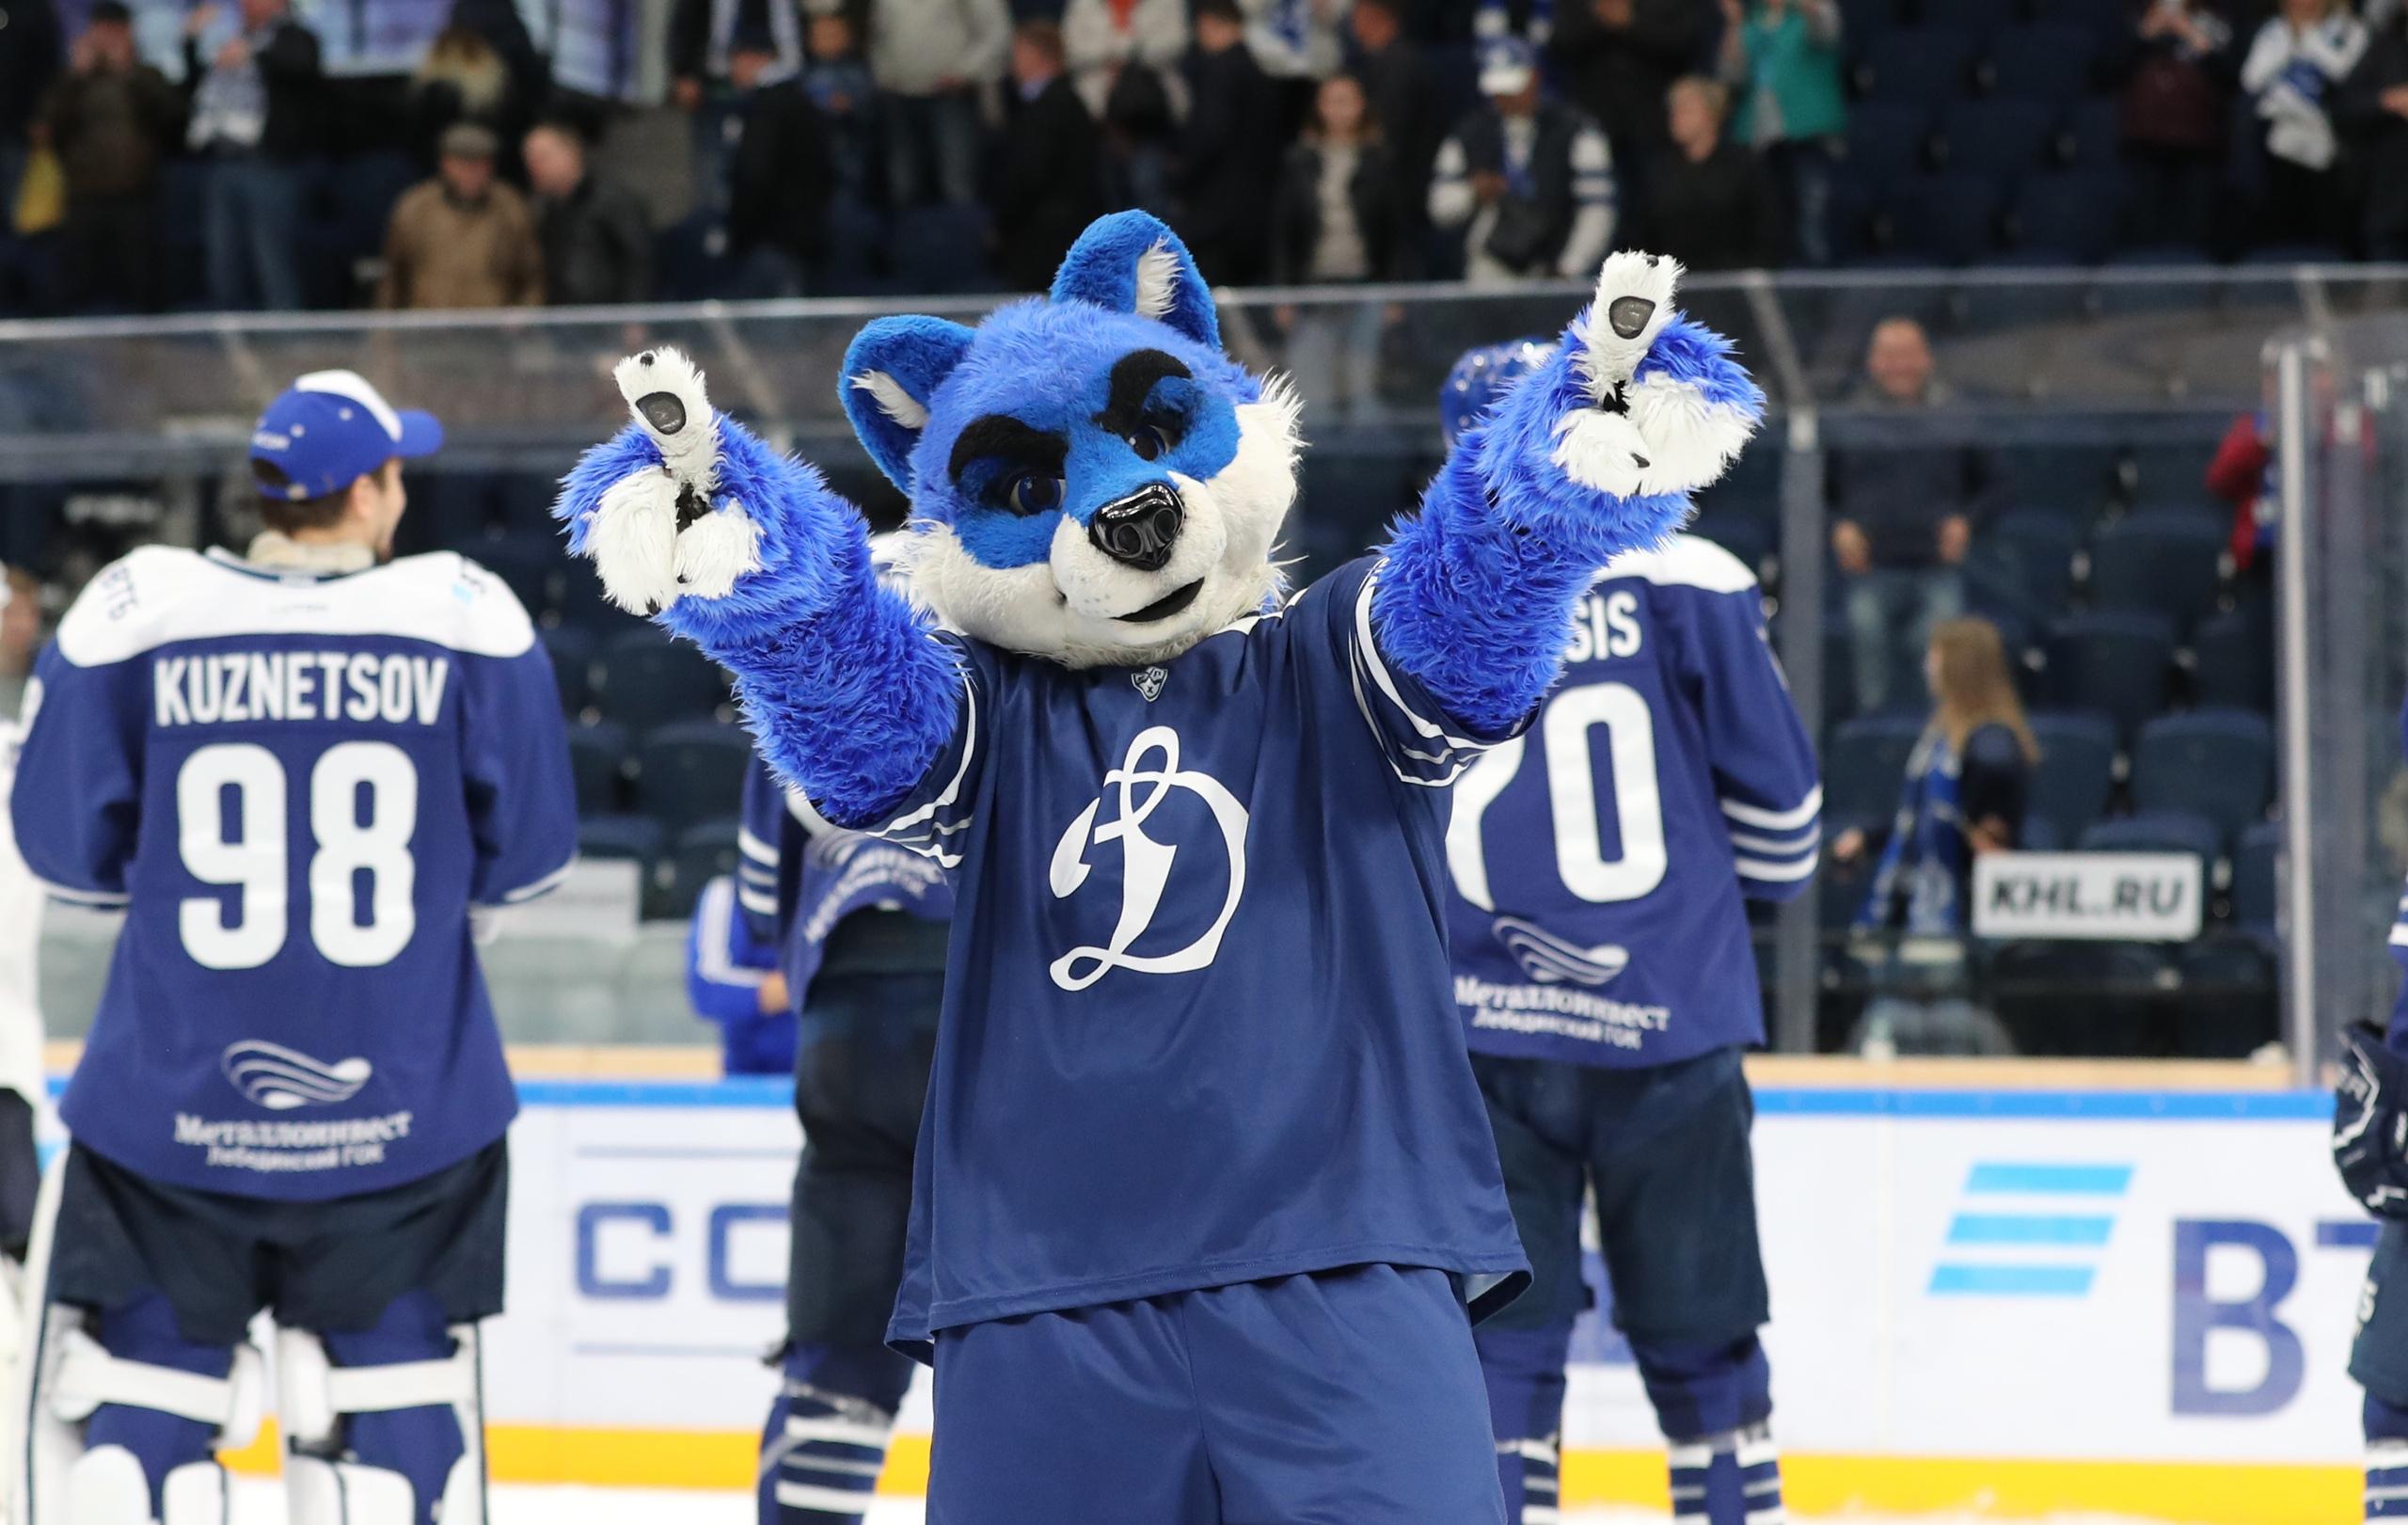 Талисман динамо москва хоккейный клуб ночной клуб в пензе фото